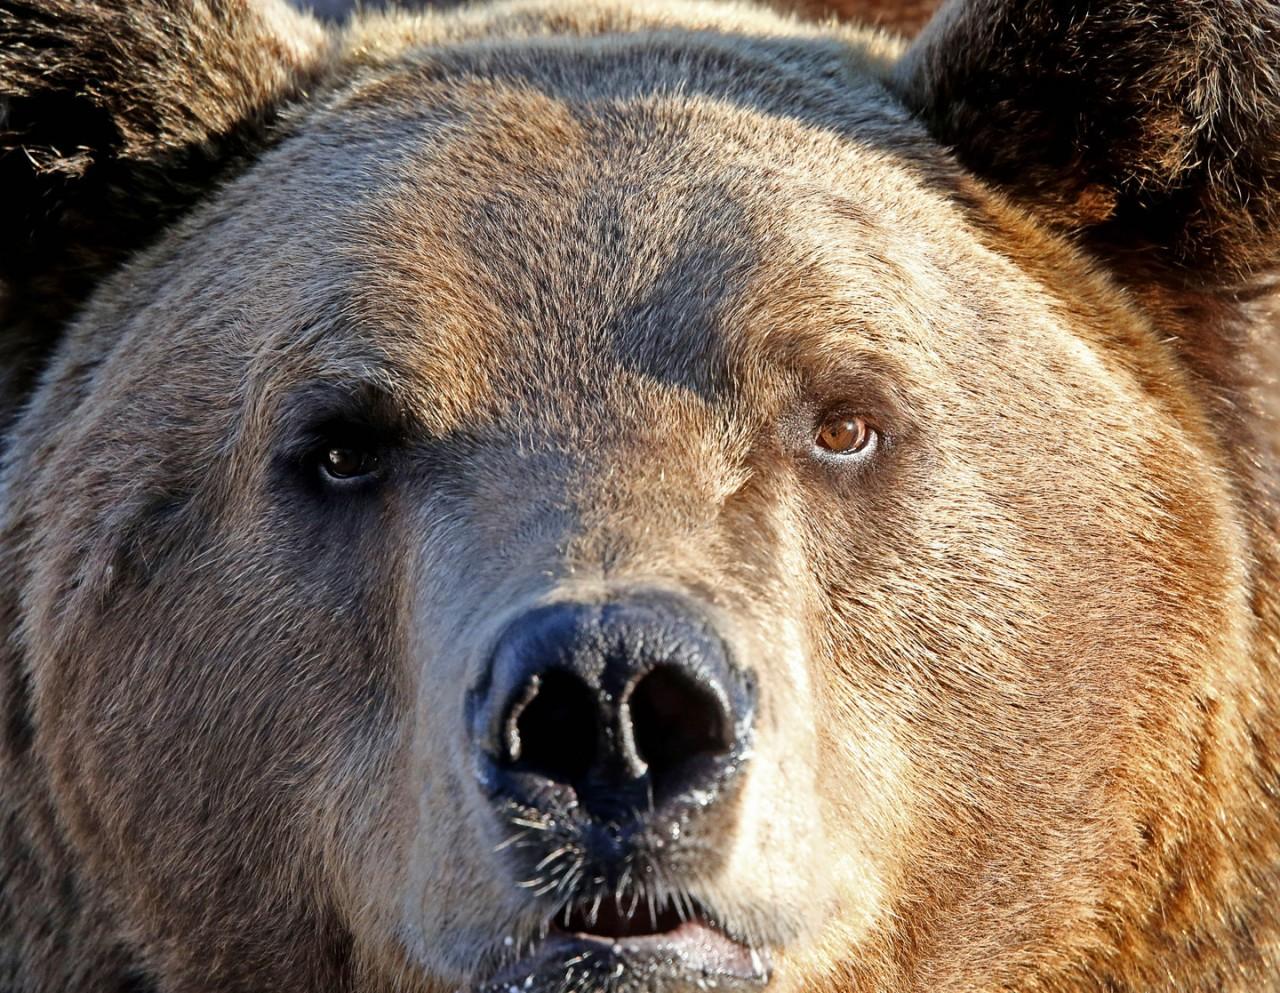 В Латвии медведь-нелегал сломал пограничный забор, чтобы сбежать в Россию